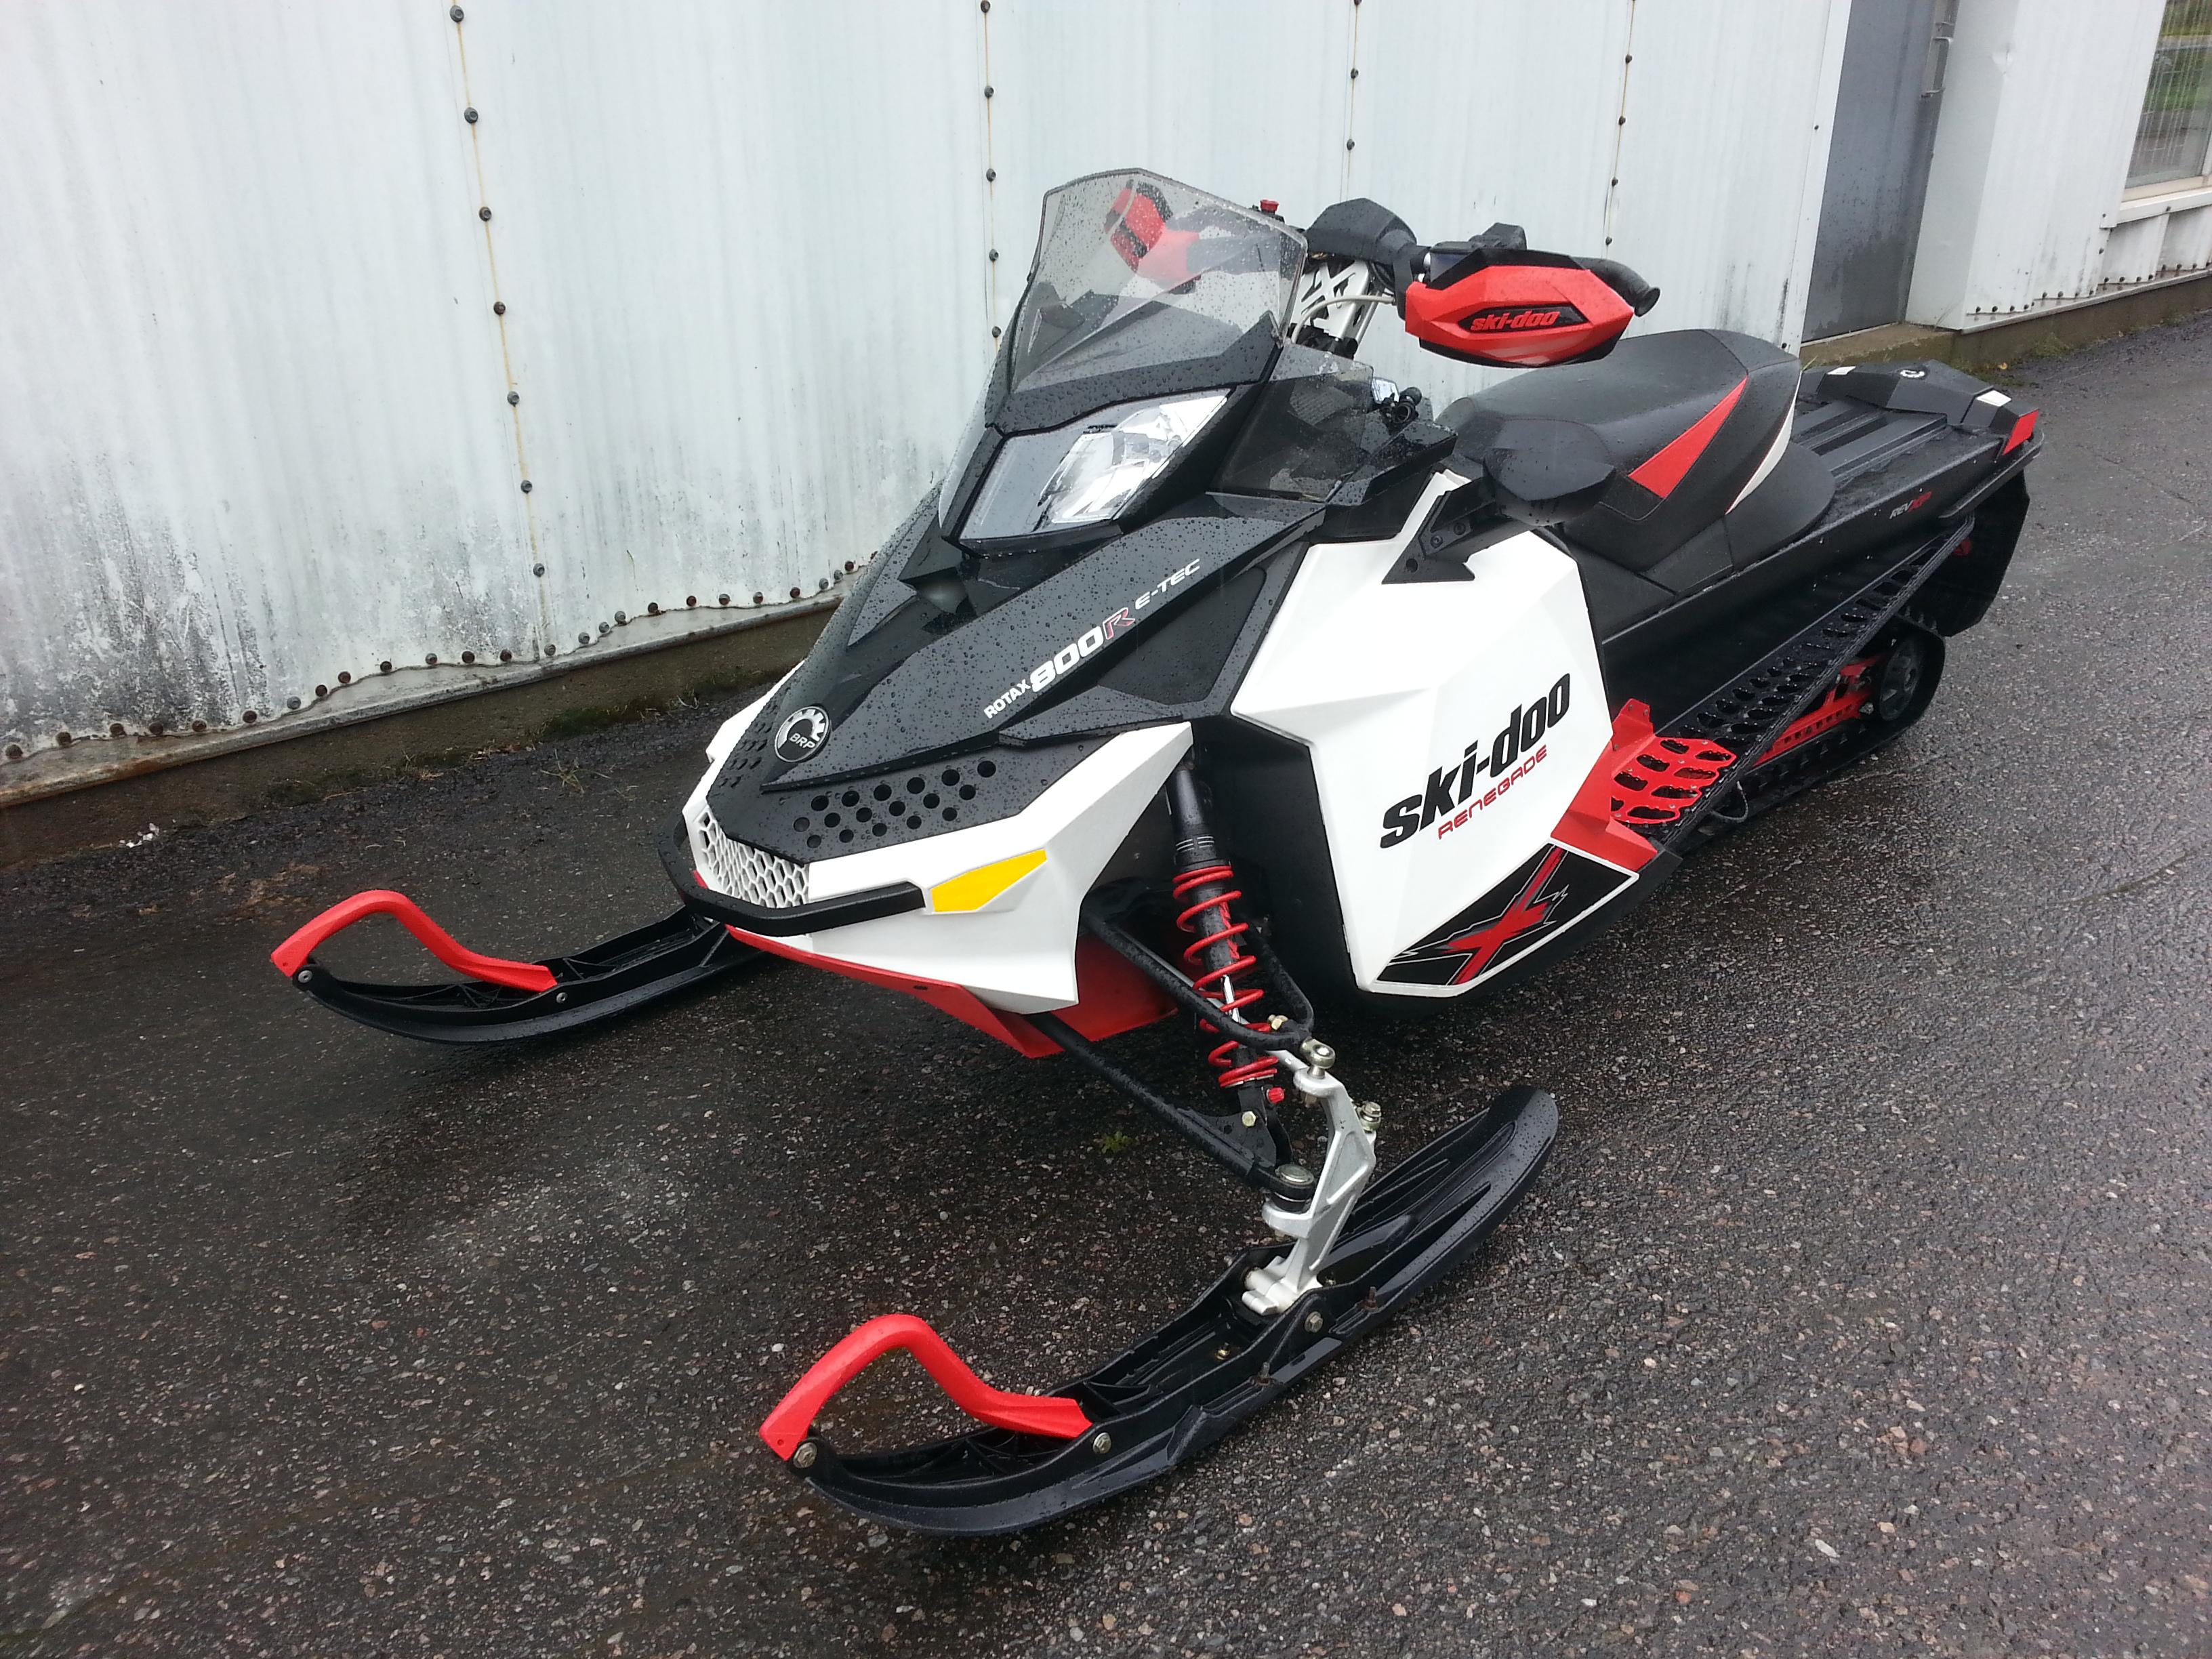 Ski Doo Renegade X 800 2011